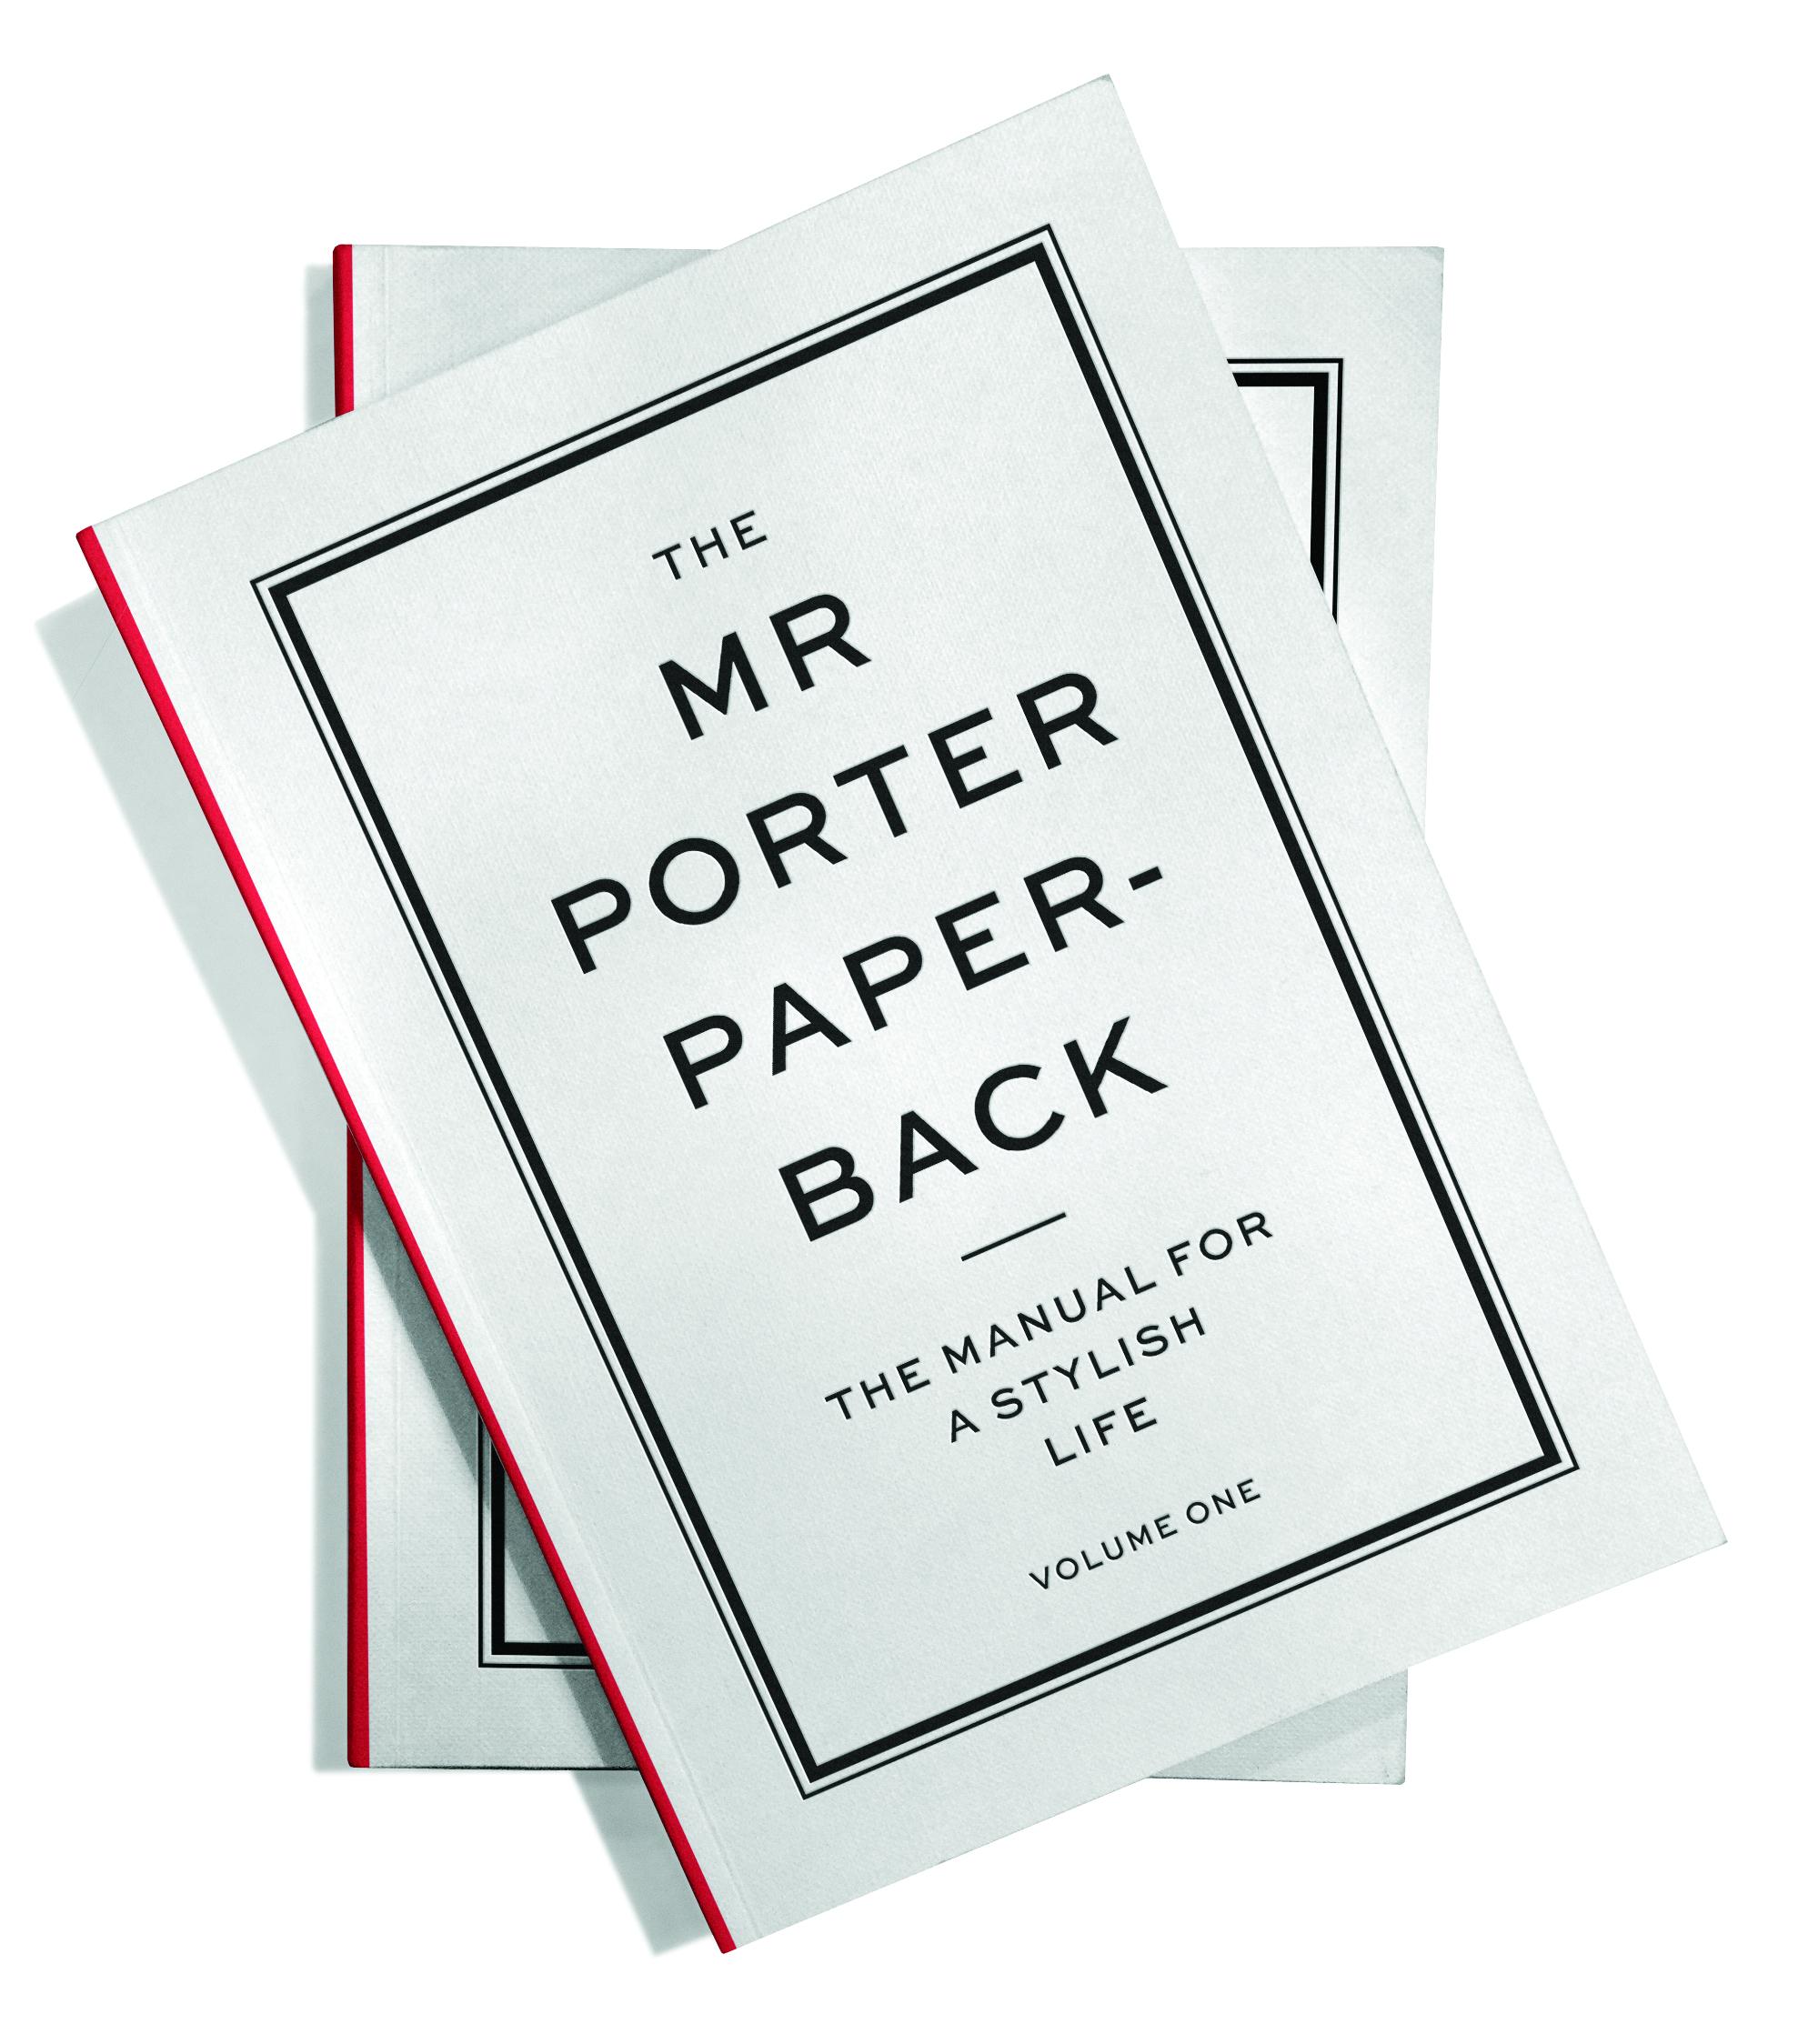 MRPORTER-PAPERBACK